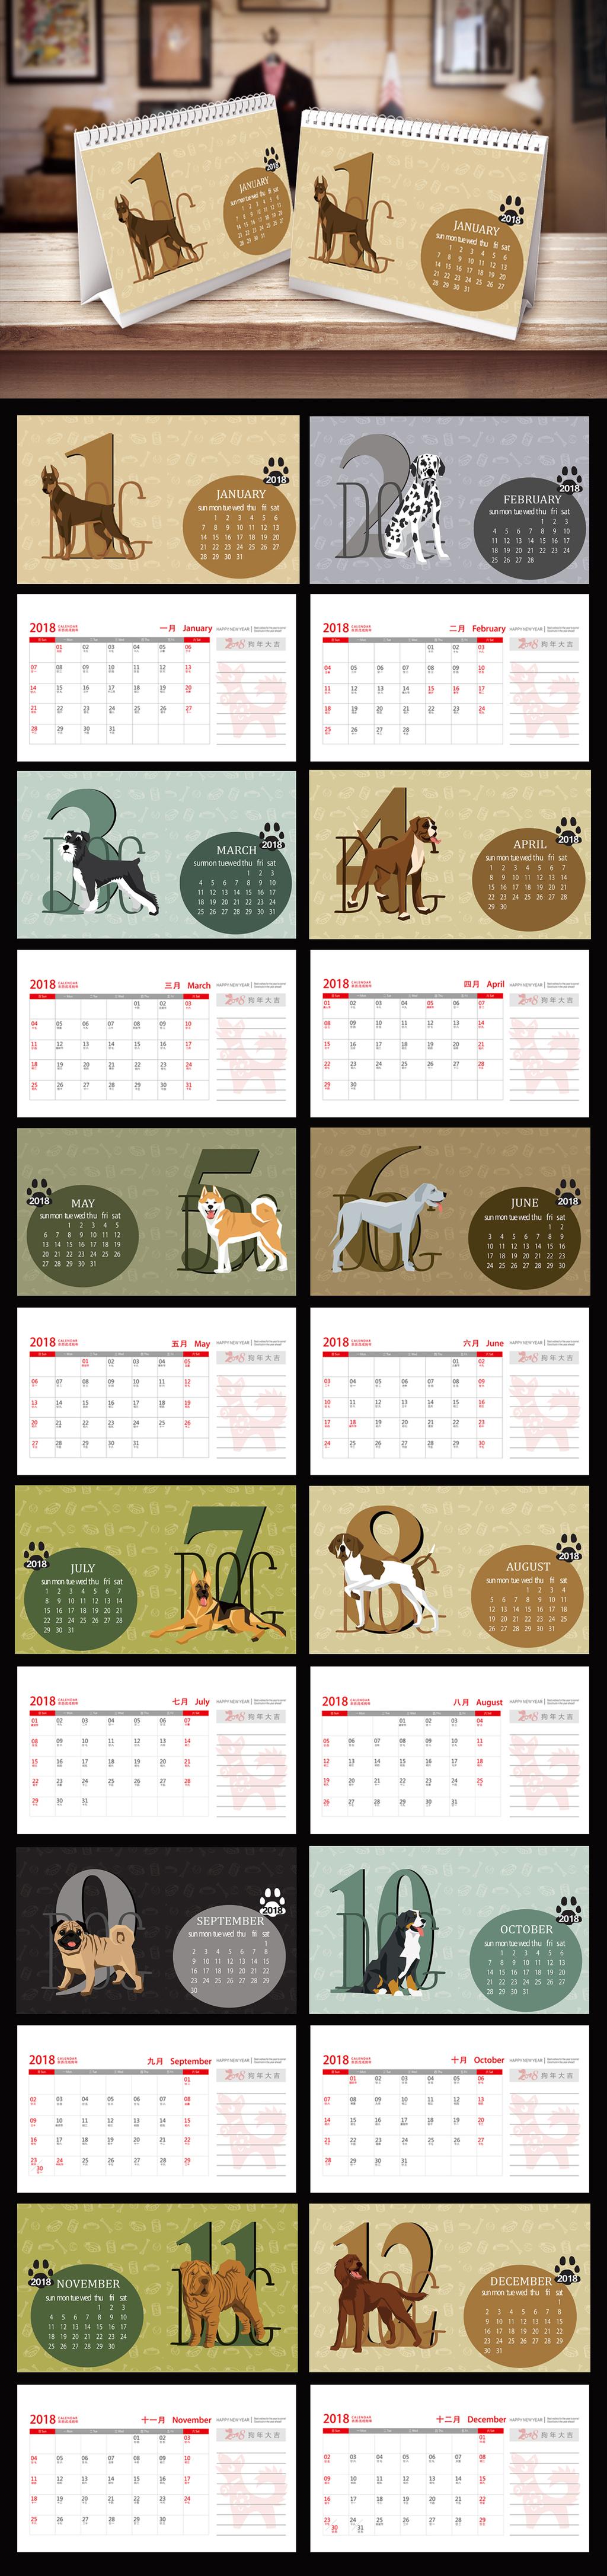 2018年可爱手绘狗年台历设计